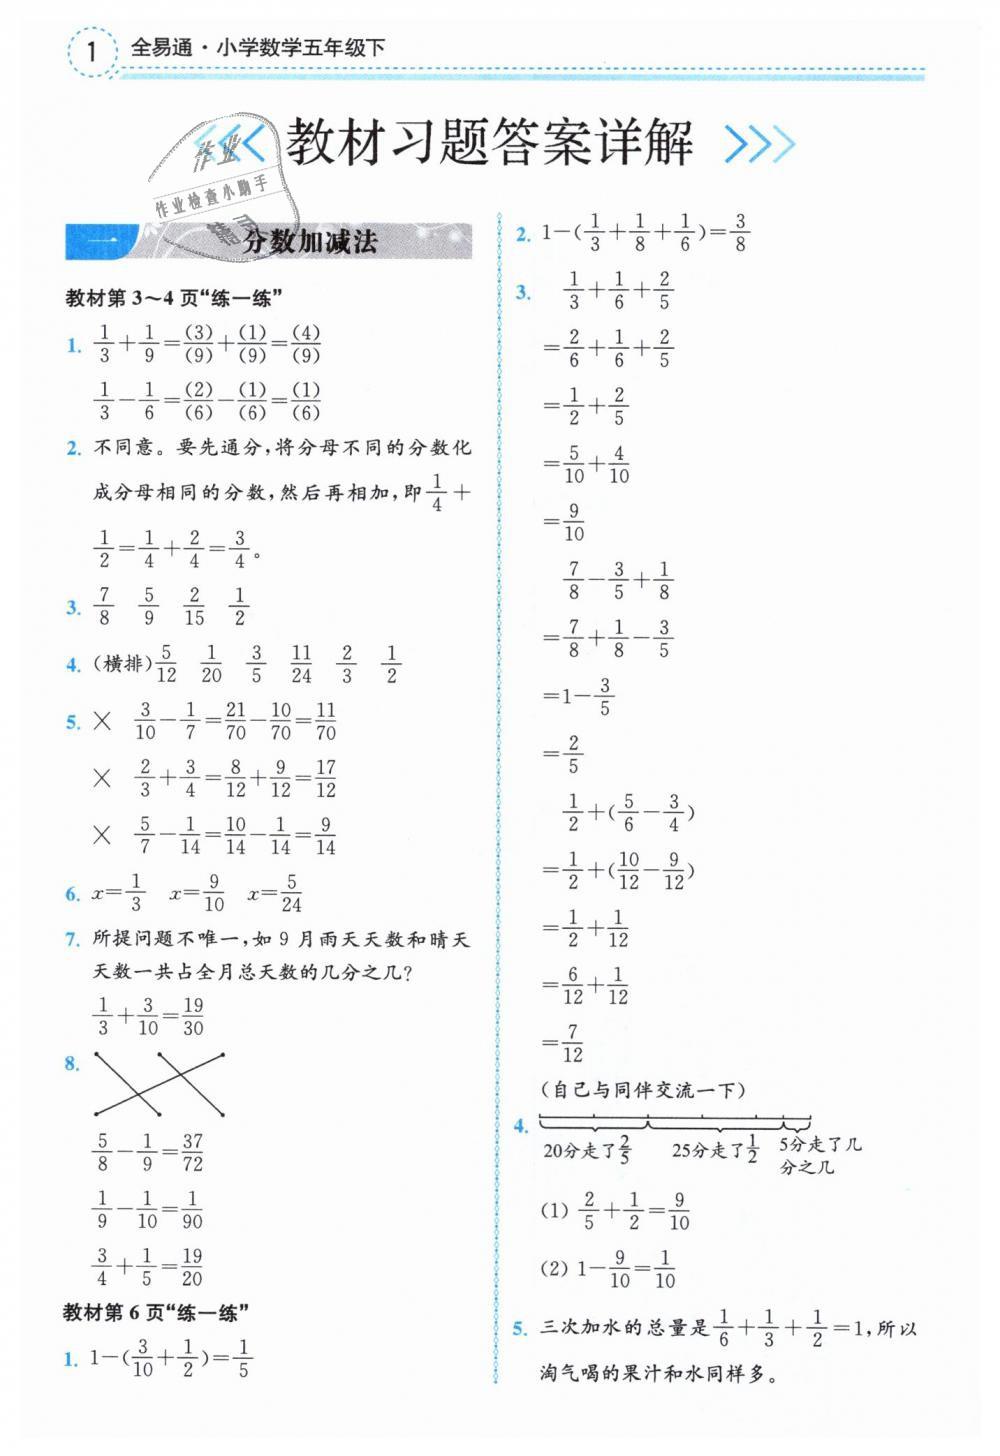 2019年課本五年級數學下冊北師大版第1頁